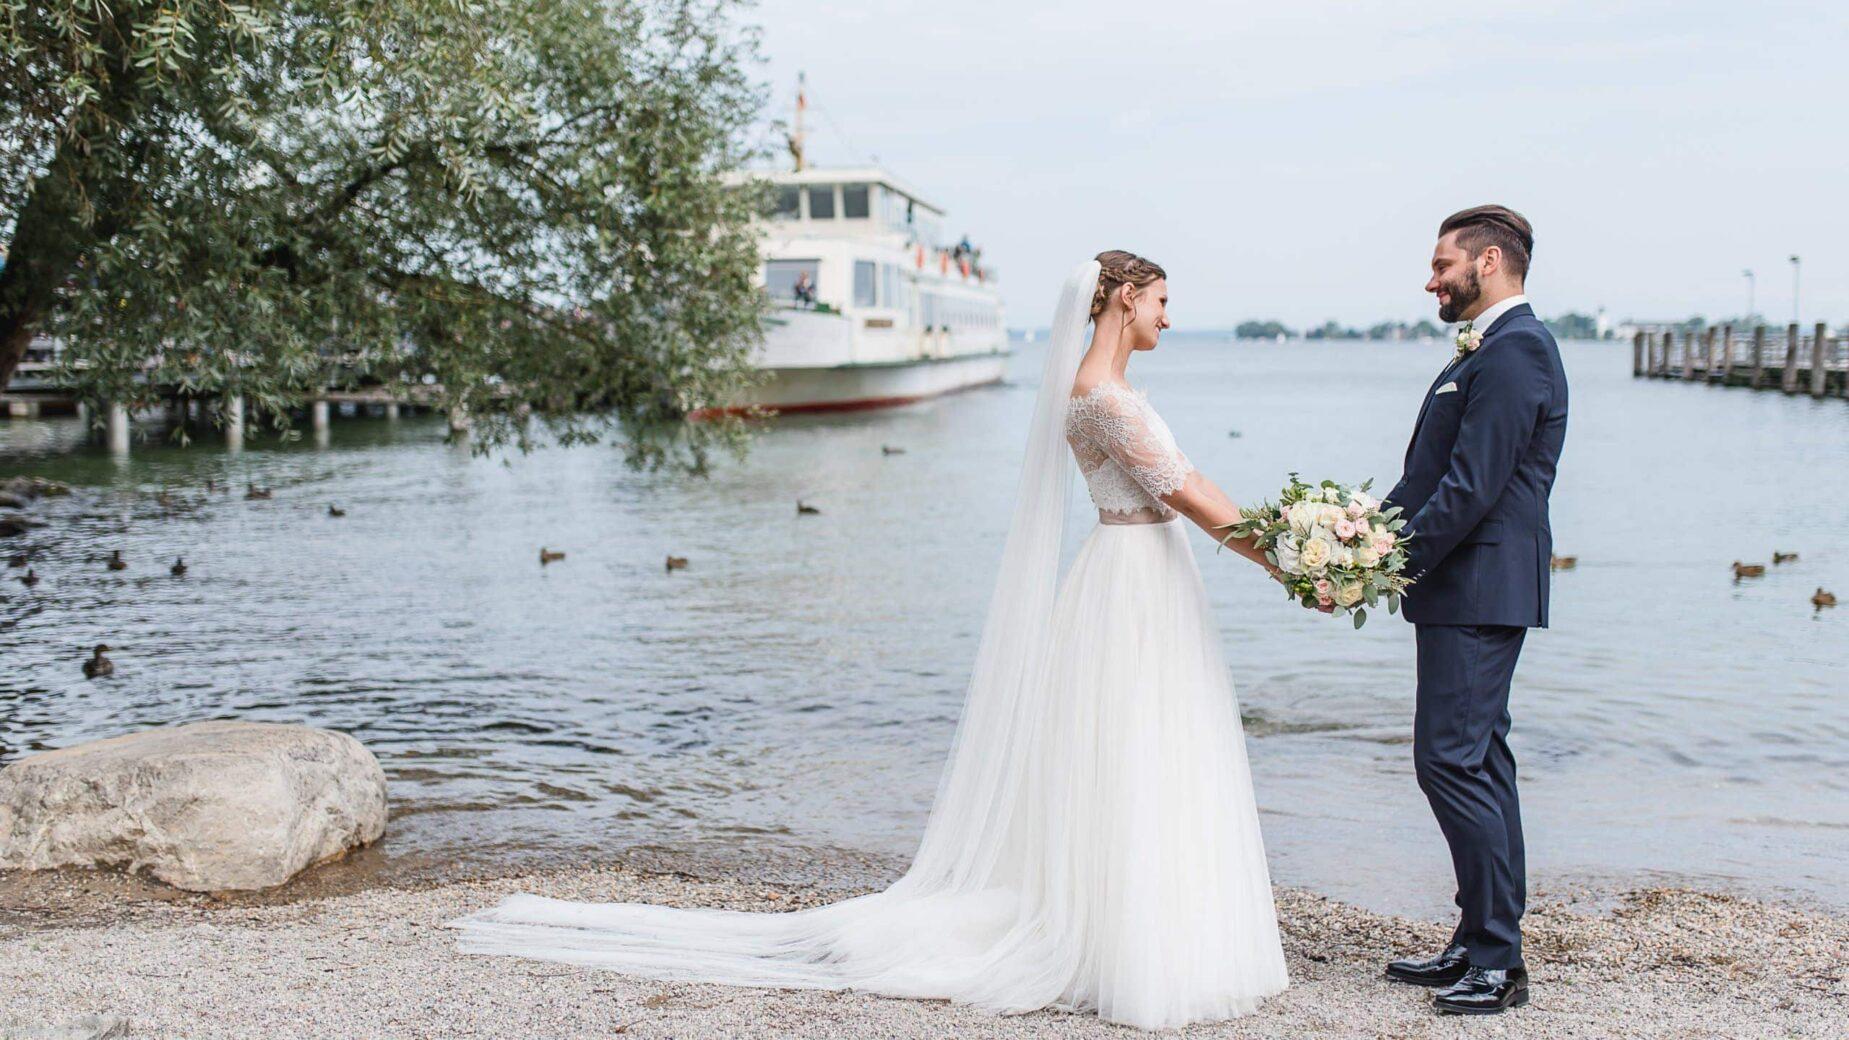 Hochzeitspaar am See, Spitzenjäckchen und Fliege, Chiemsee, Achental, Jung und Wild design professionelle Hochzeitsfotos rund um München, Pfaffenhofen, Ingolstadt, Augsburg